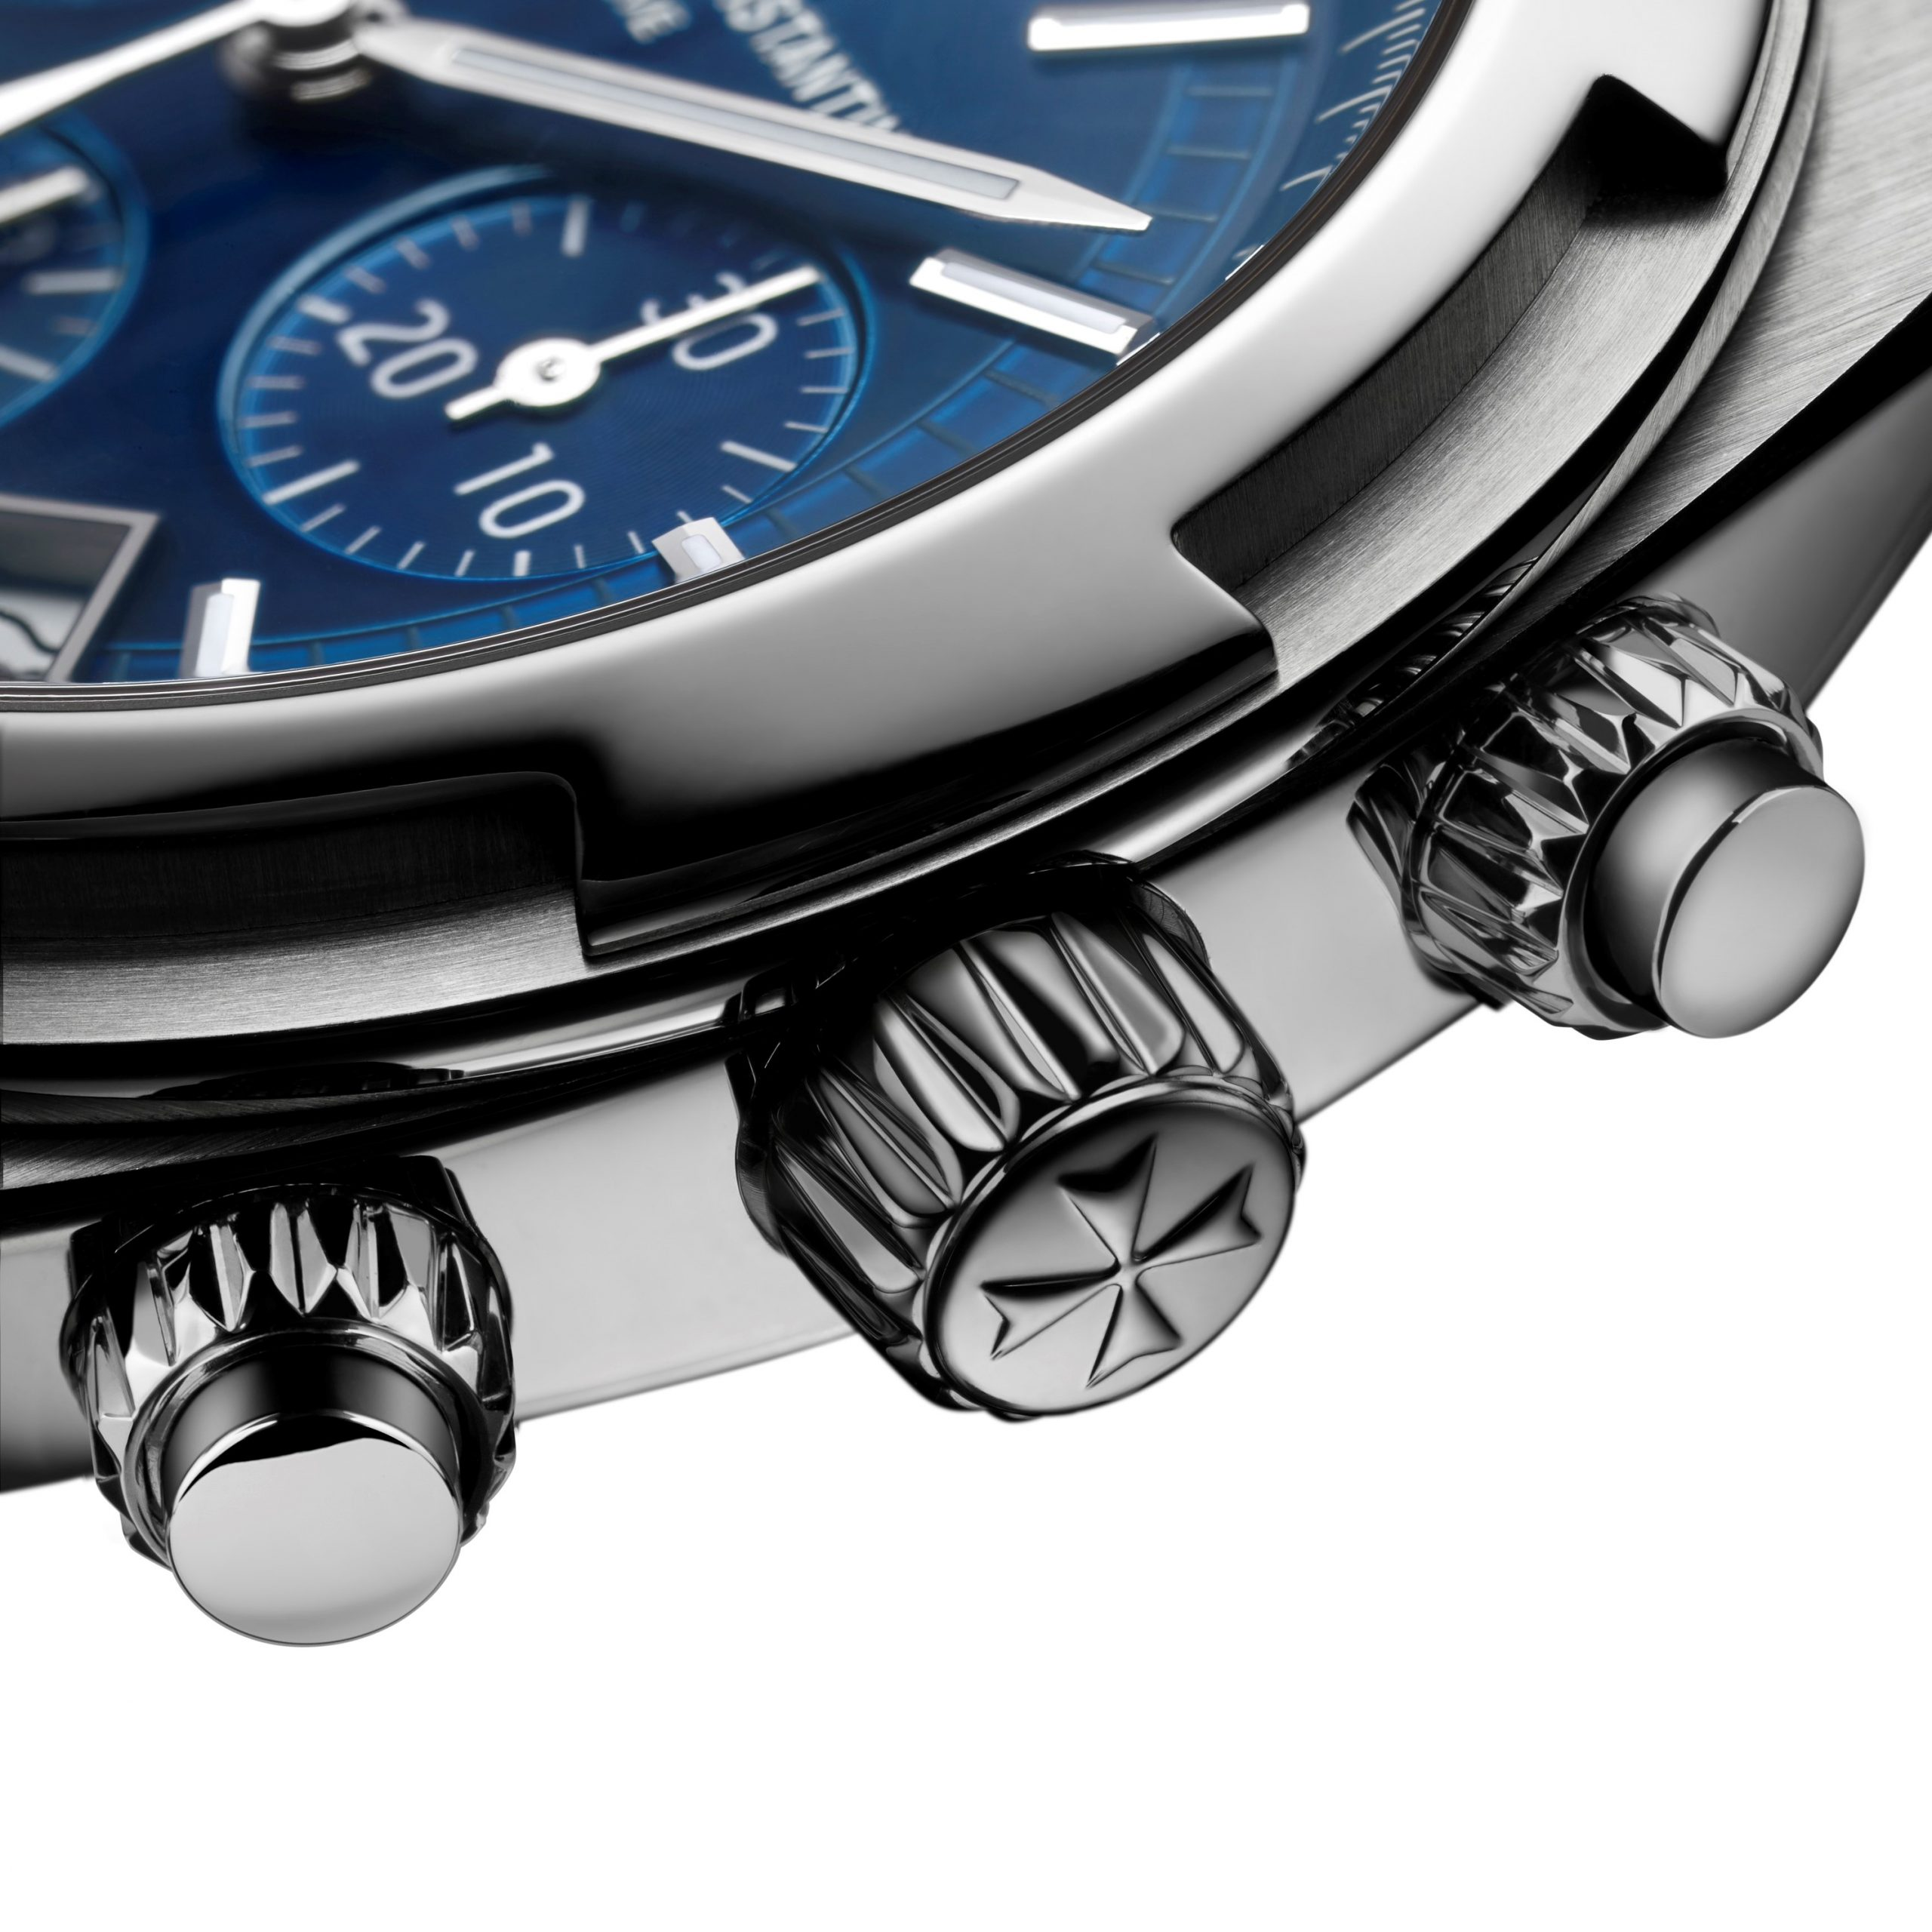 Kunsztownie zdobione przyciski chronografu i koronka zegarka Overseas Chronograph